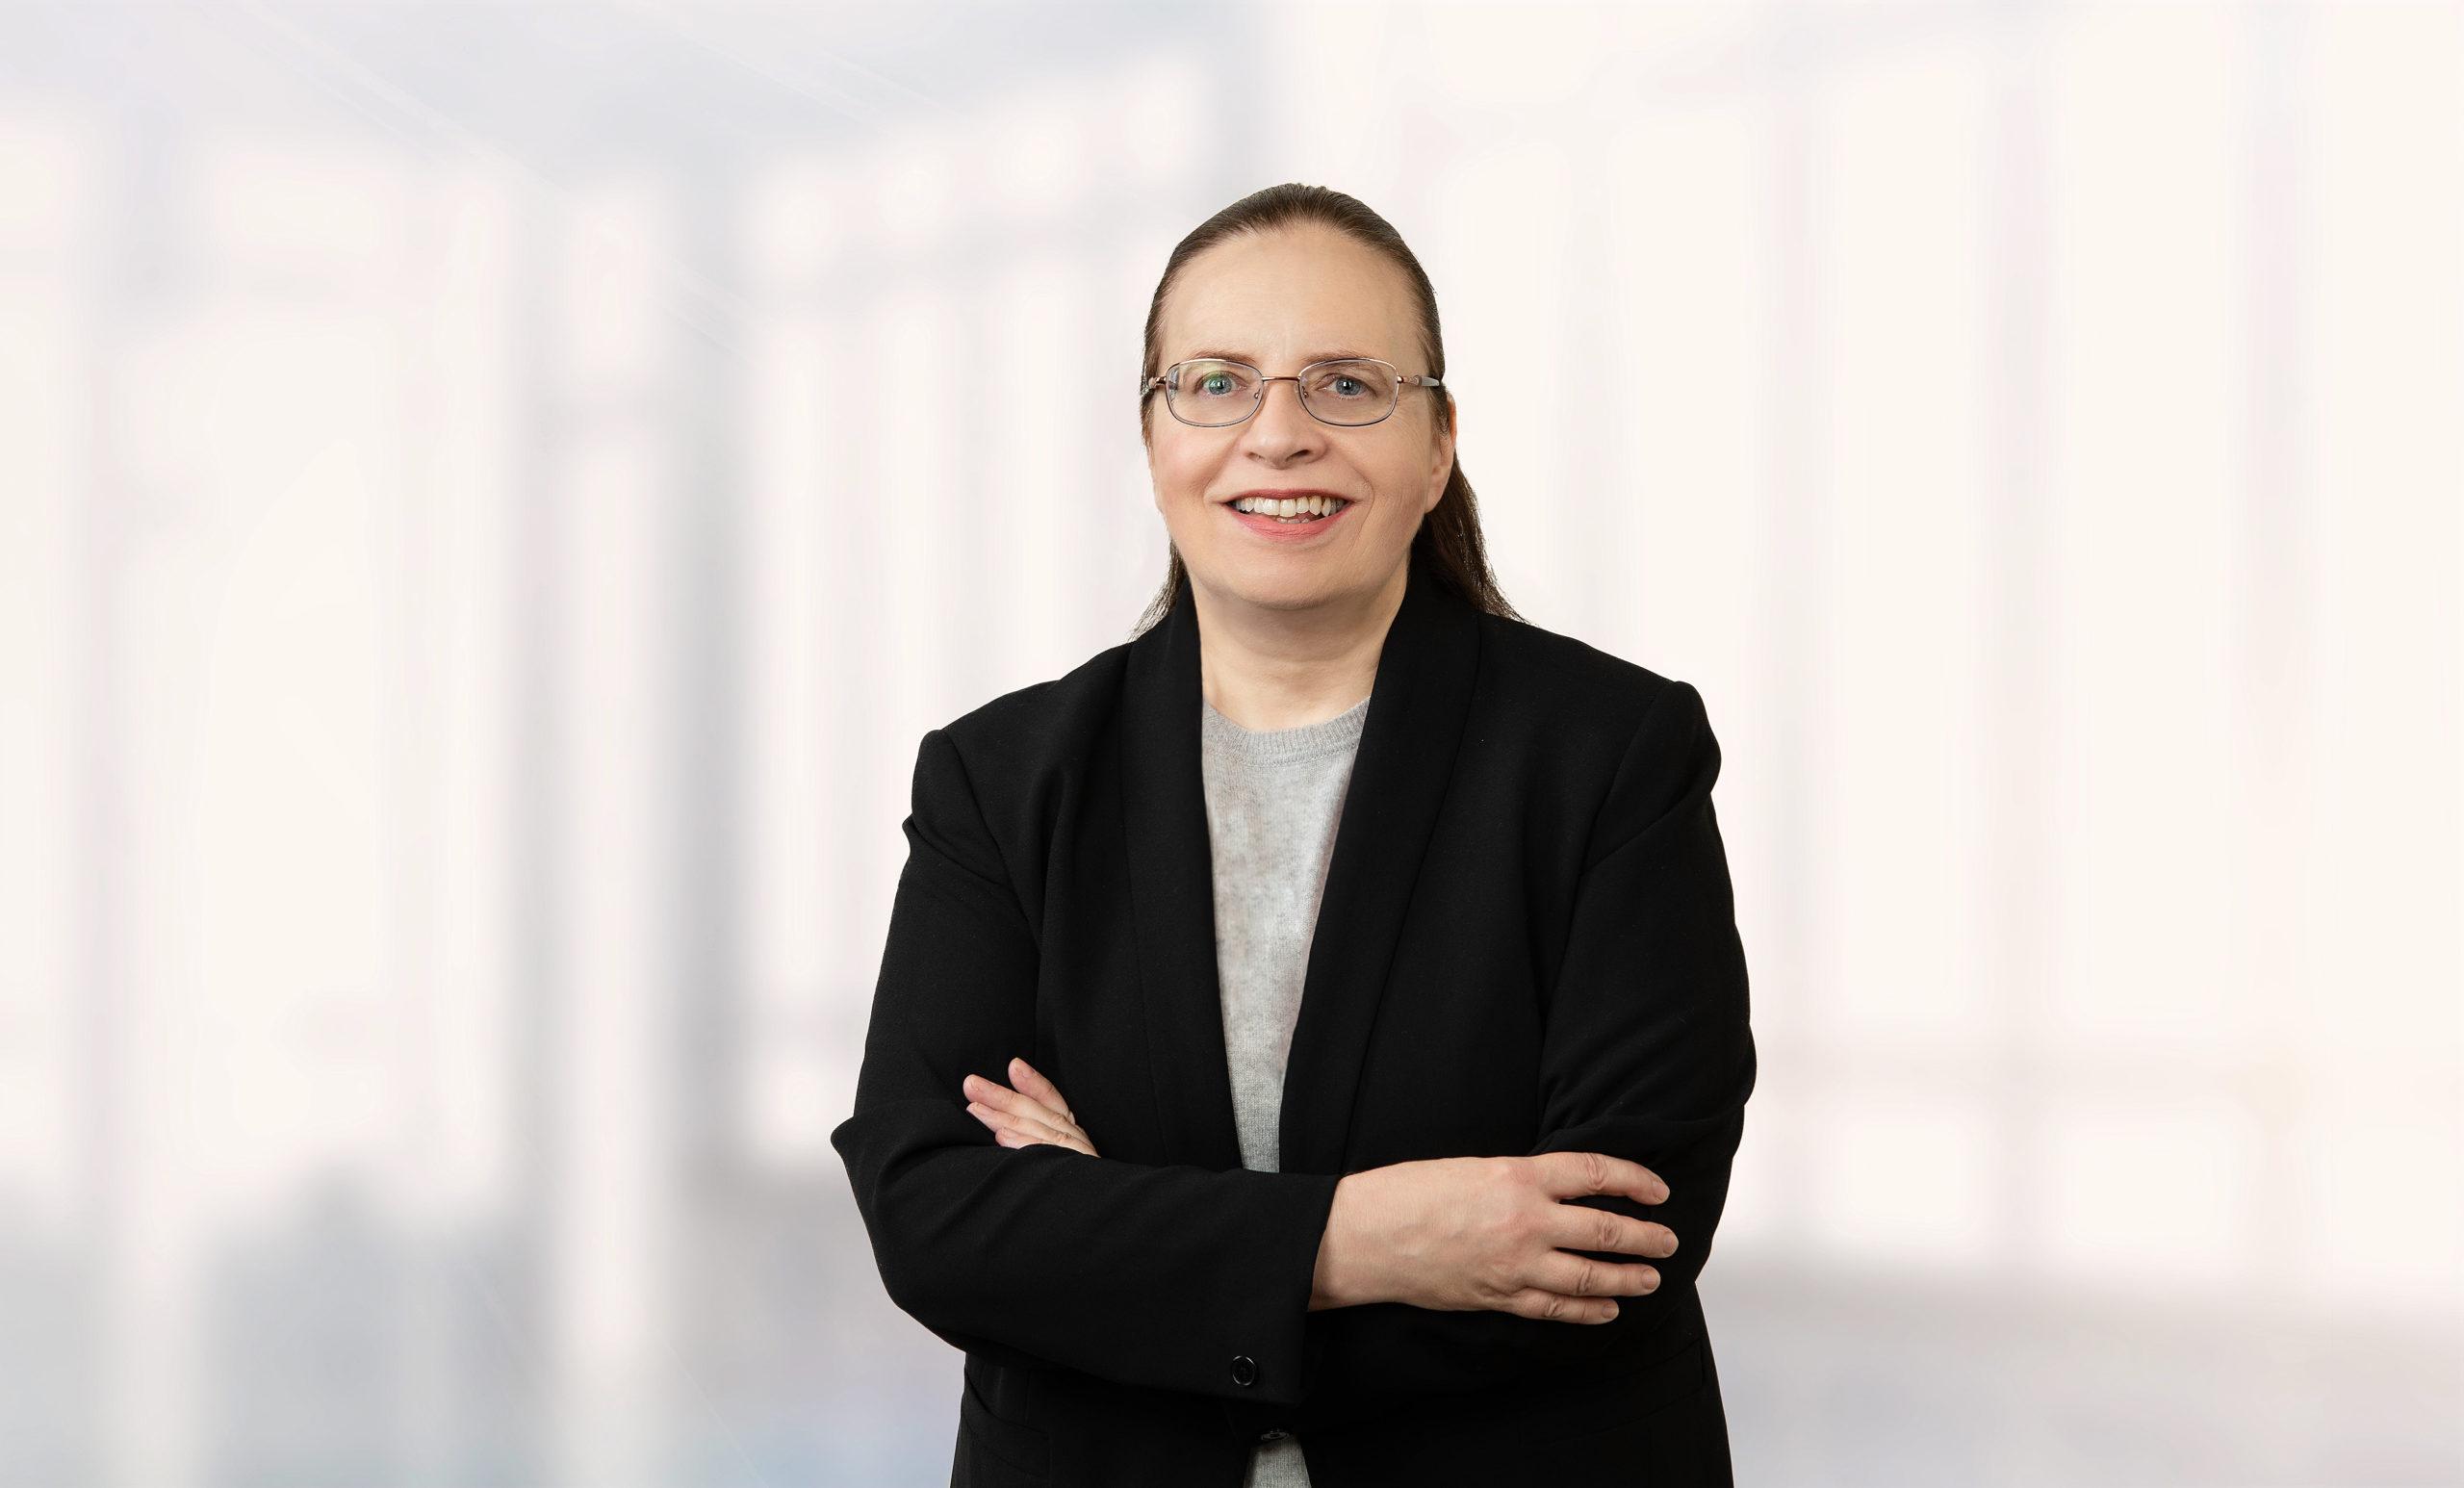 Kim Whitaker